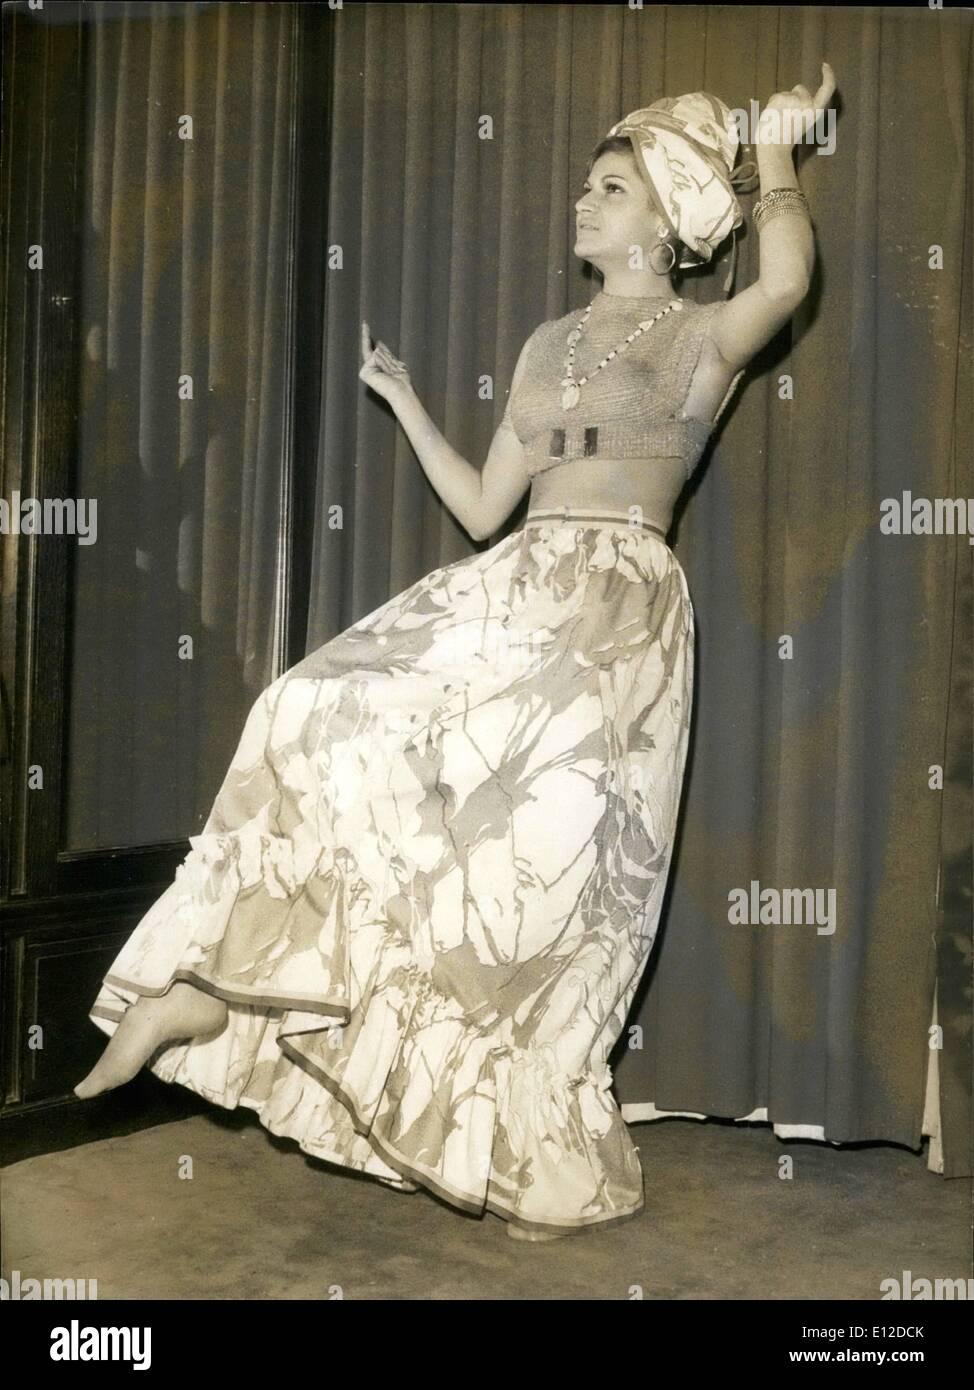 Dec. 19, 2011 - NPM-''Creole'' : Une jupe longue de madreas en bazin de soton imprime de rose vif, bleu et vert. Le haut est est un bain de soleil rose vif tissue main,carre dans le dos, de form e brassiere L'ensemble est accompagne d'anneaux creoles, aux bras et aux preilles (Lola Prusac) - Stock Image